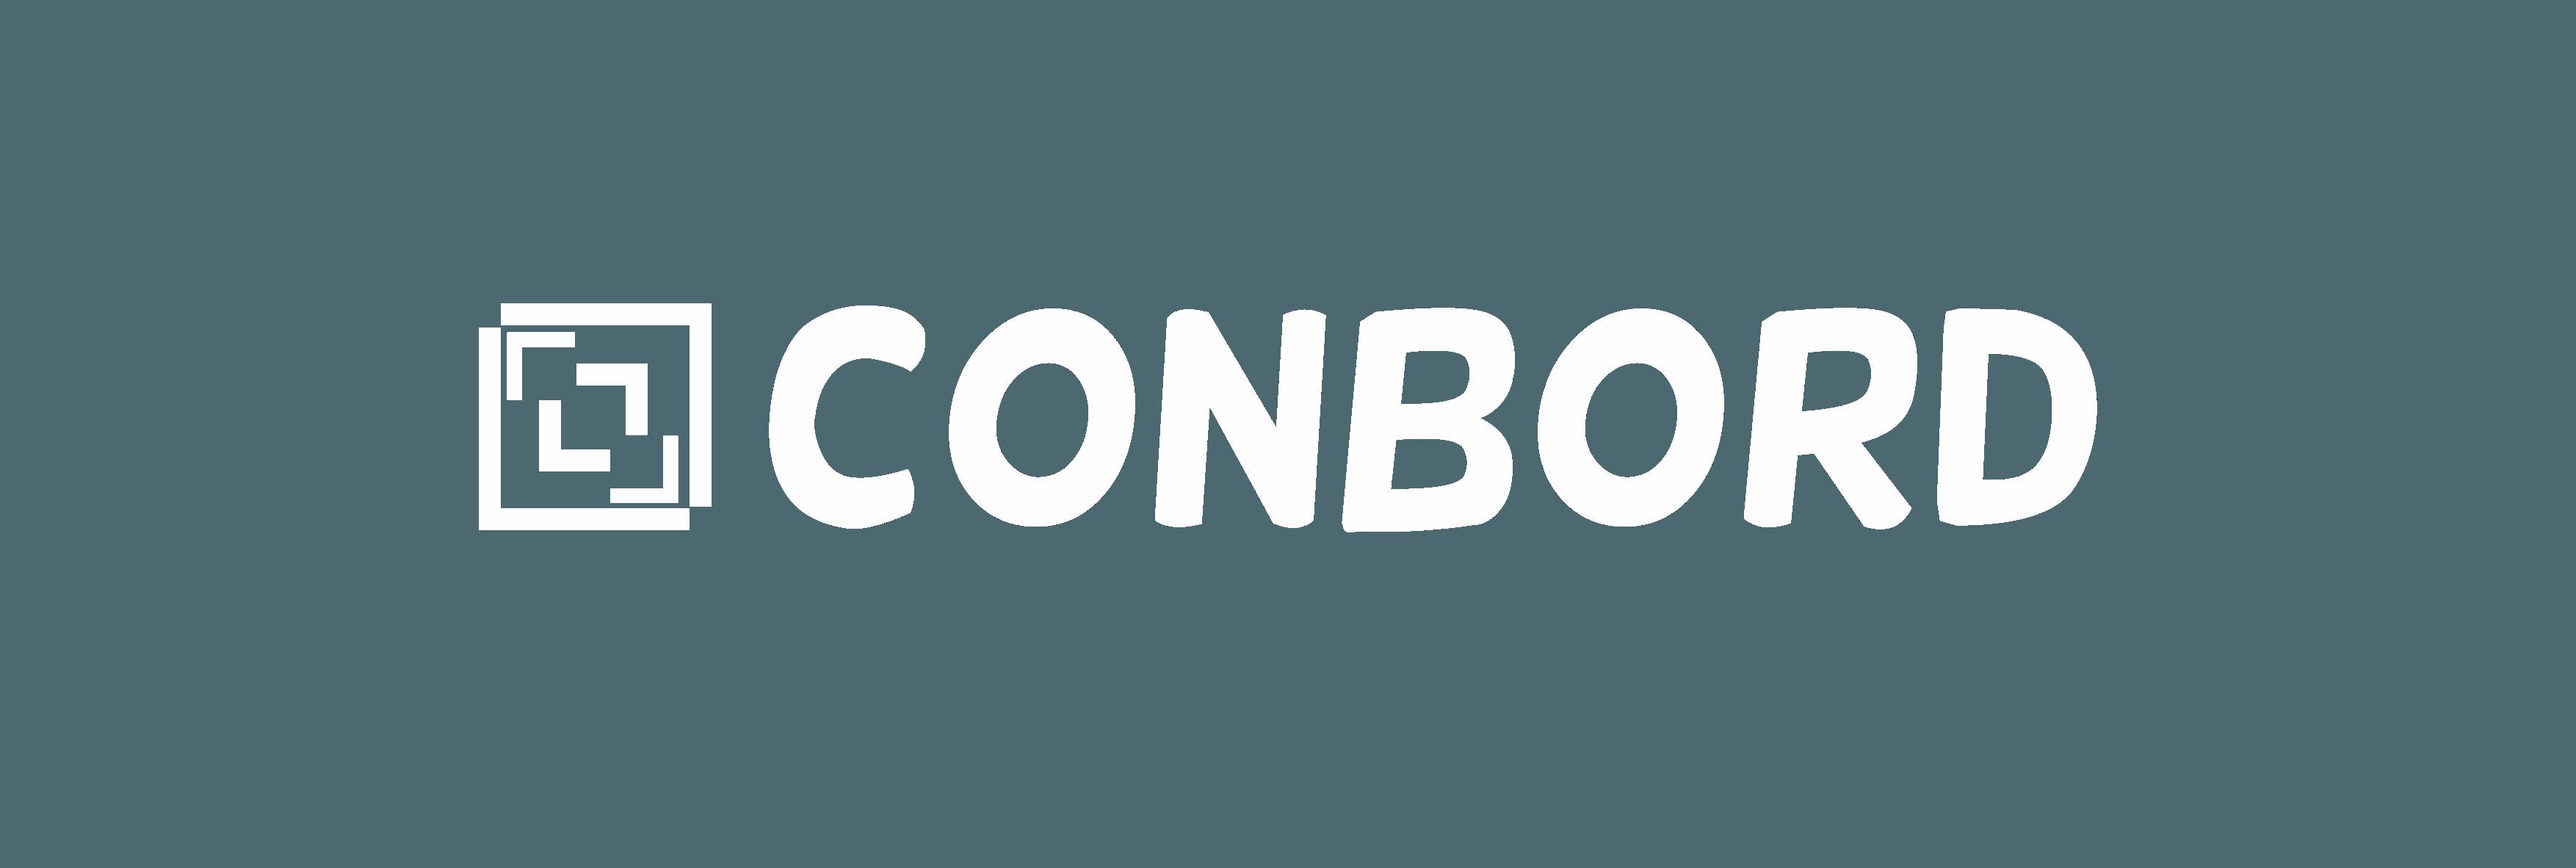 CONBORD